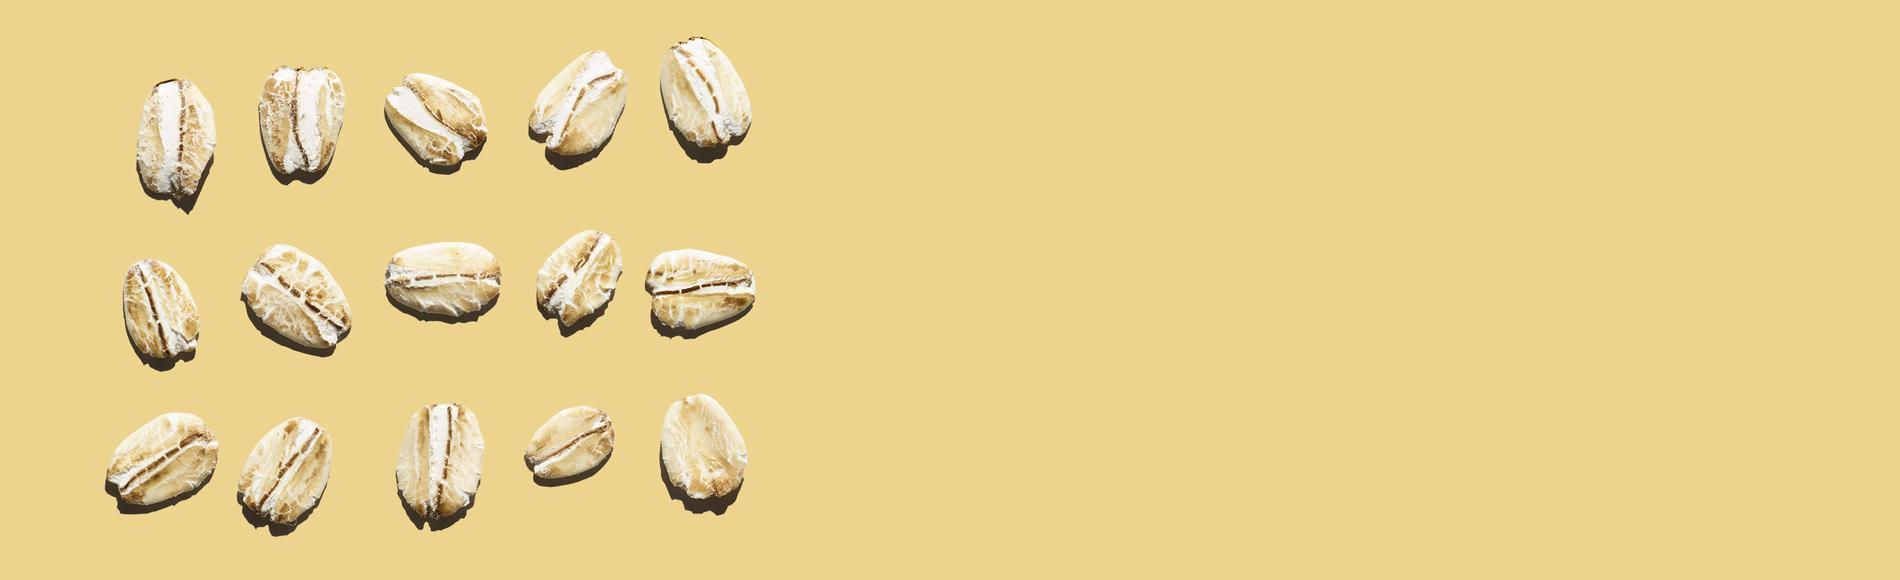 hojuelas de avena arrollada para los productos de aveeno